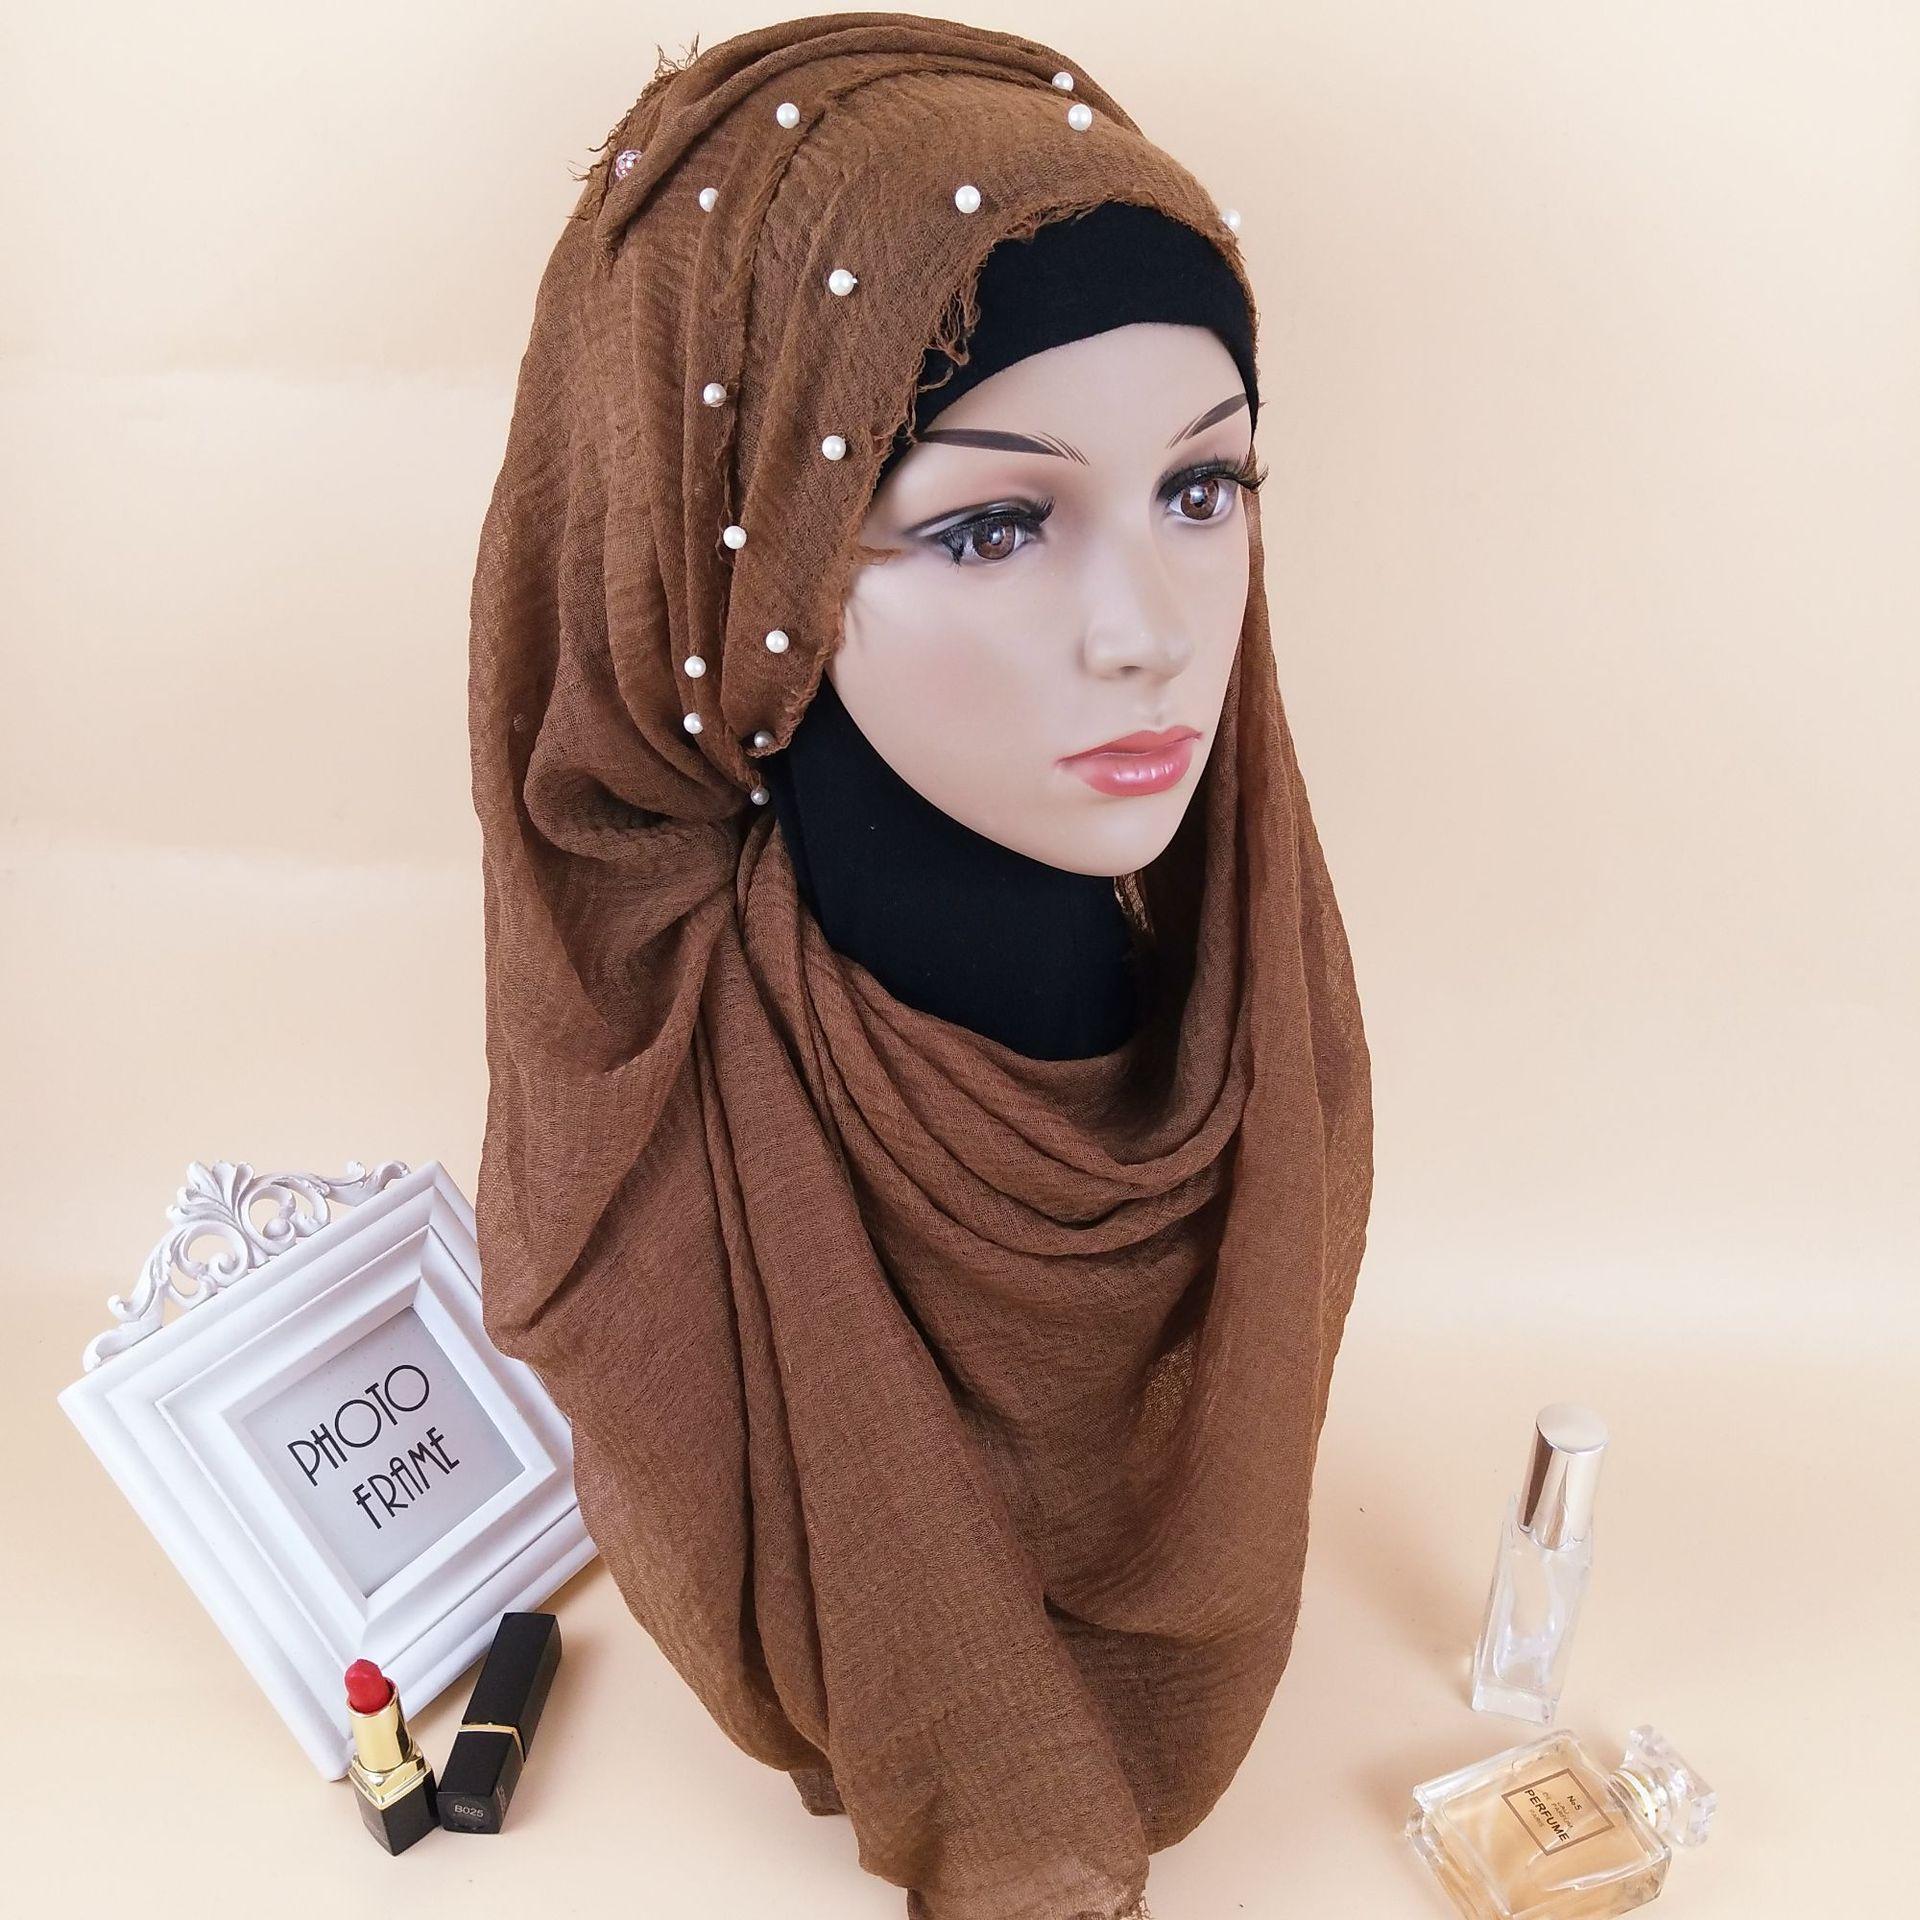 Suave arruga Hijab bufanda de algodón con cuentas musulmana mujer cabeza bufandas chales ropa islámica cabeza envuelta pañuelo árabe cabeza bufanda